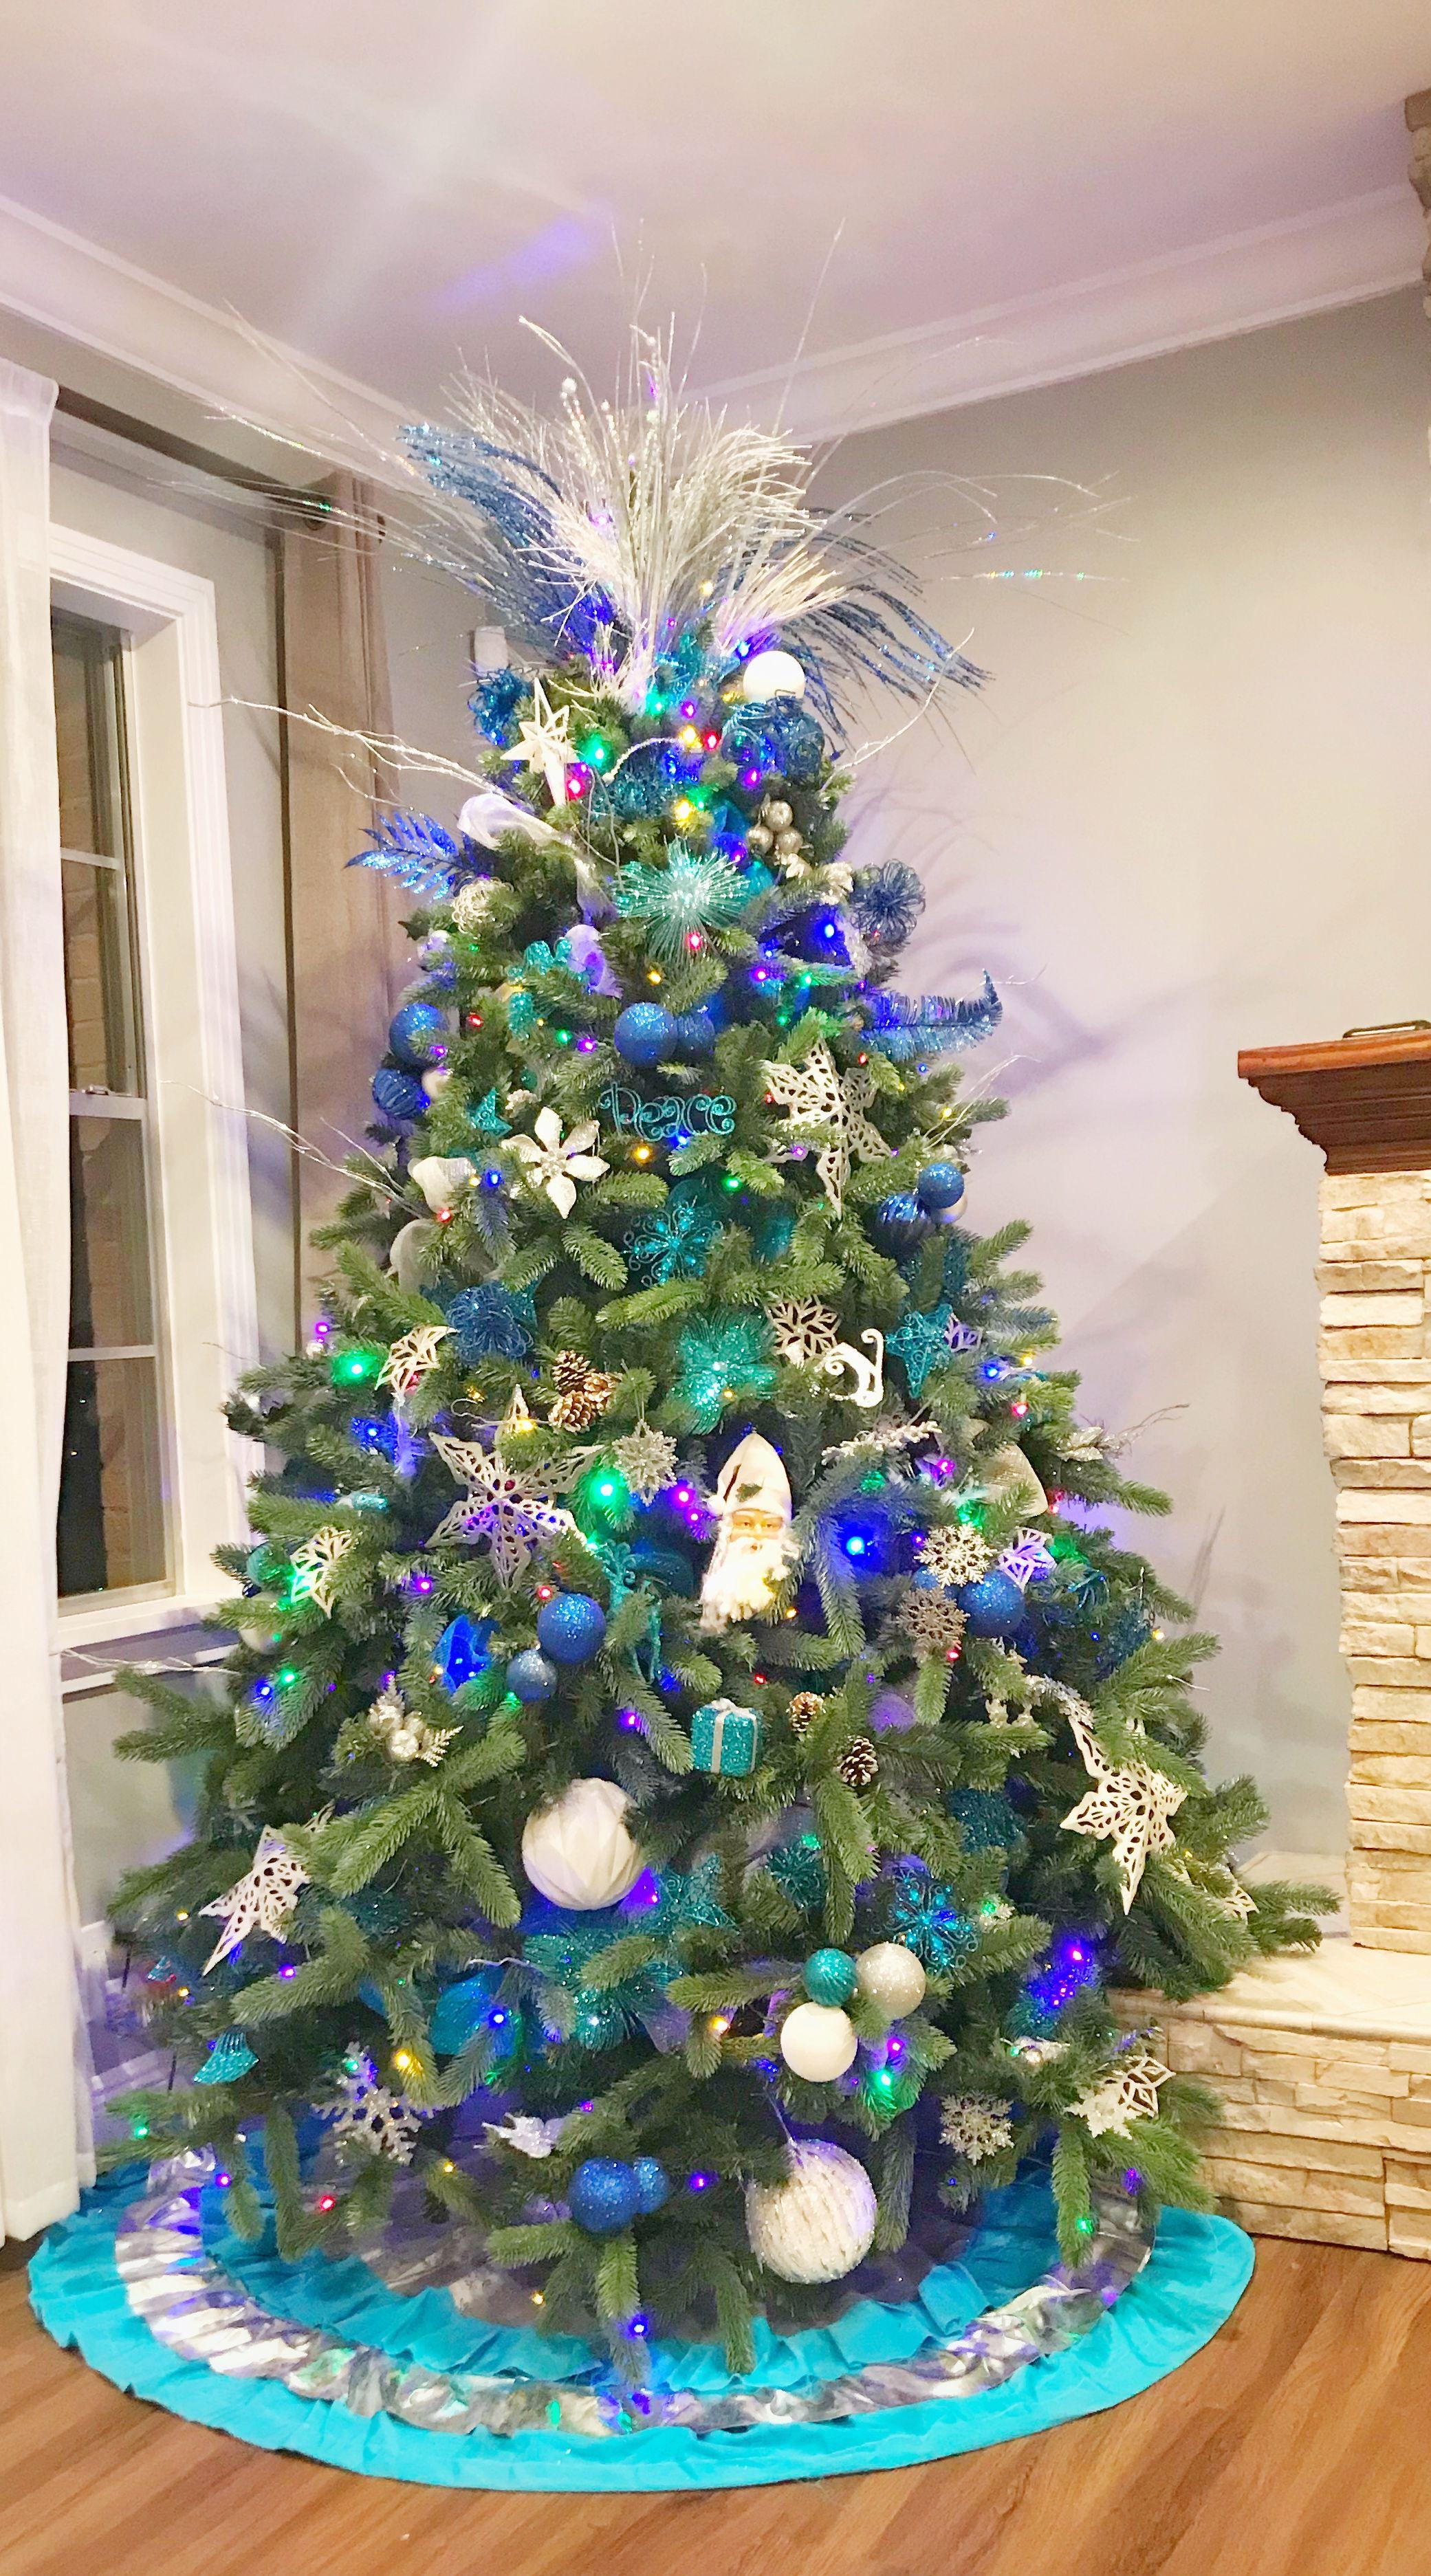 Christmas Tree Christmas Decor Silver Blue And White Peacock Christmas Tree Christmas Tree Decorations Peacock Christmas